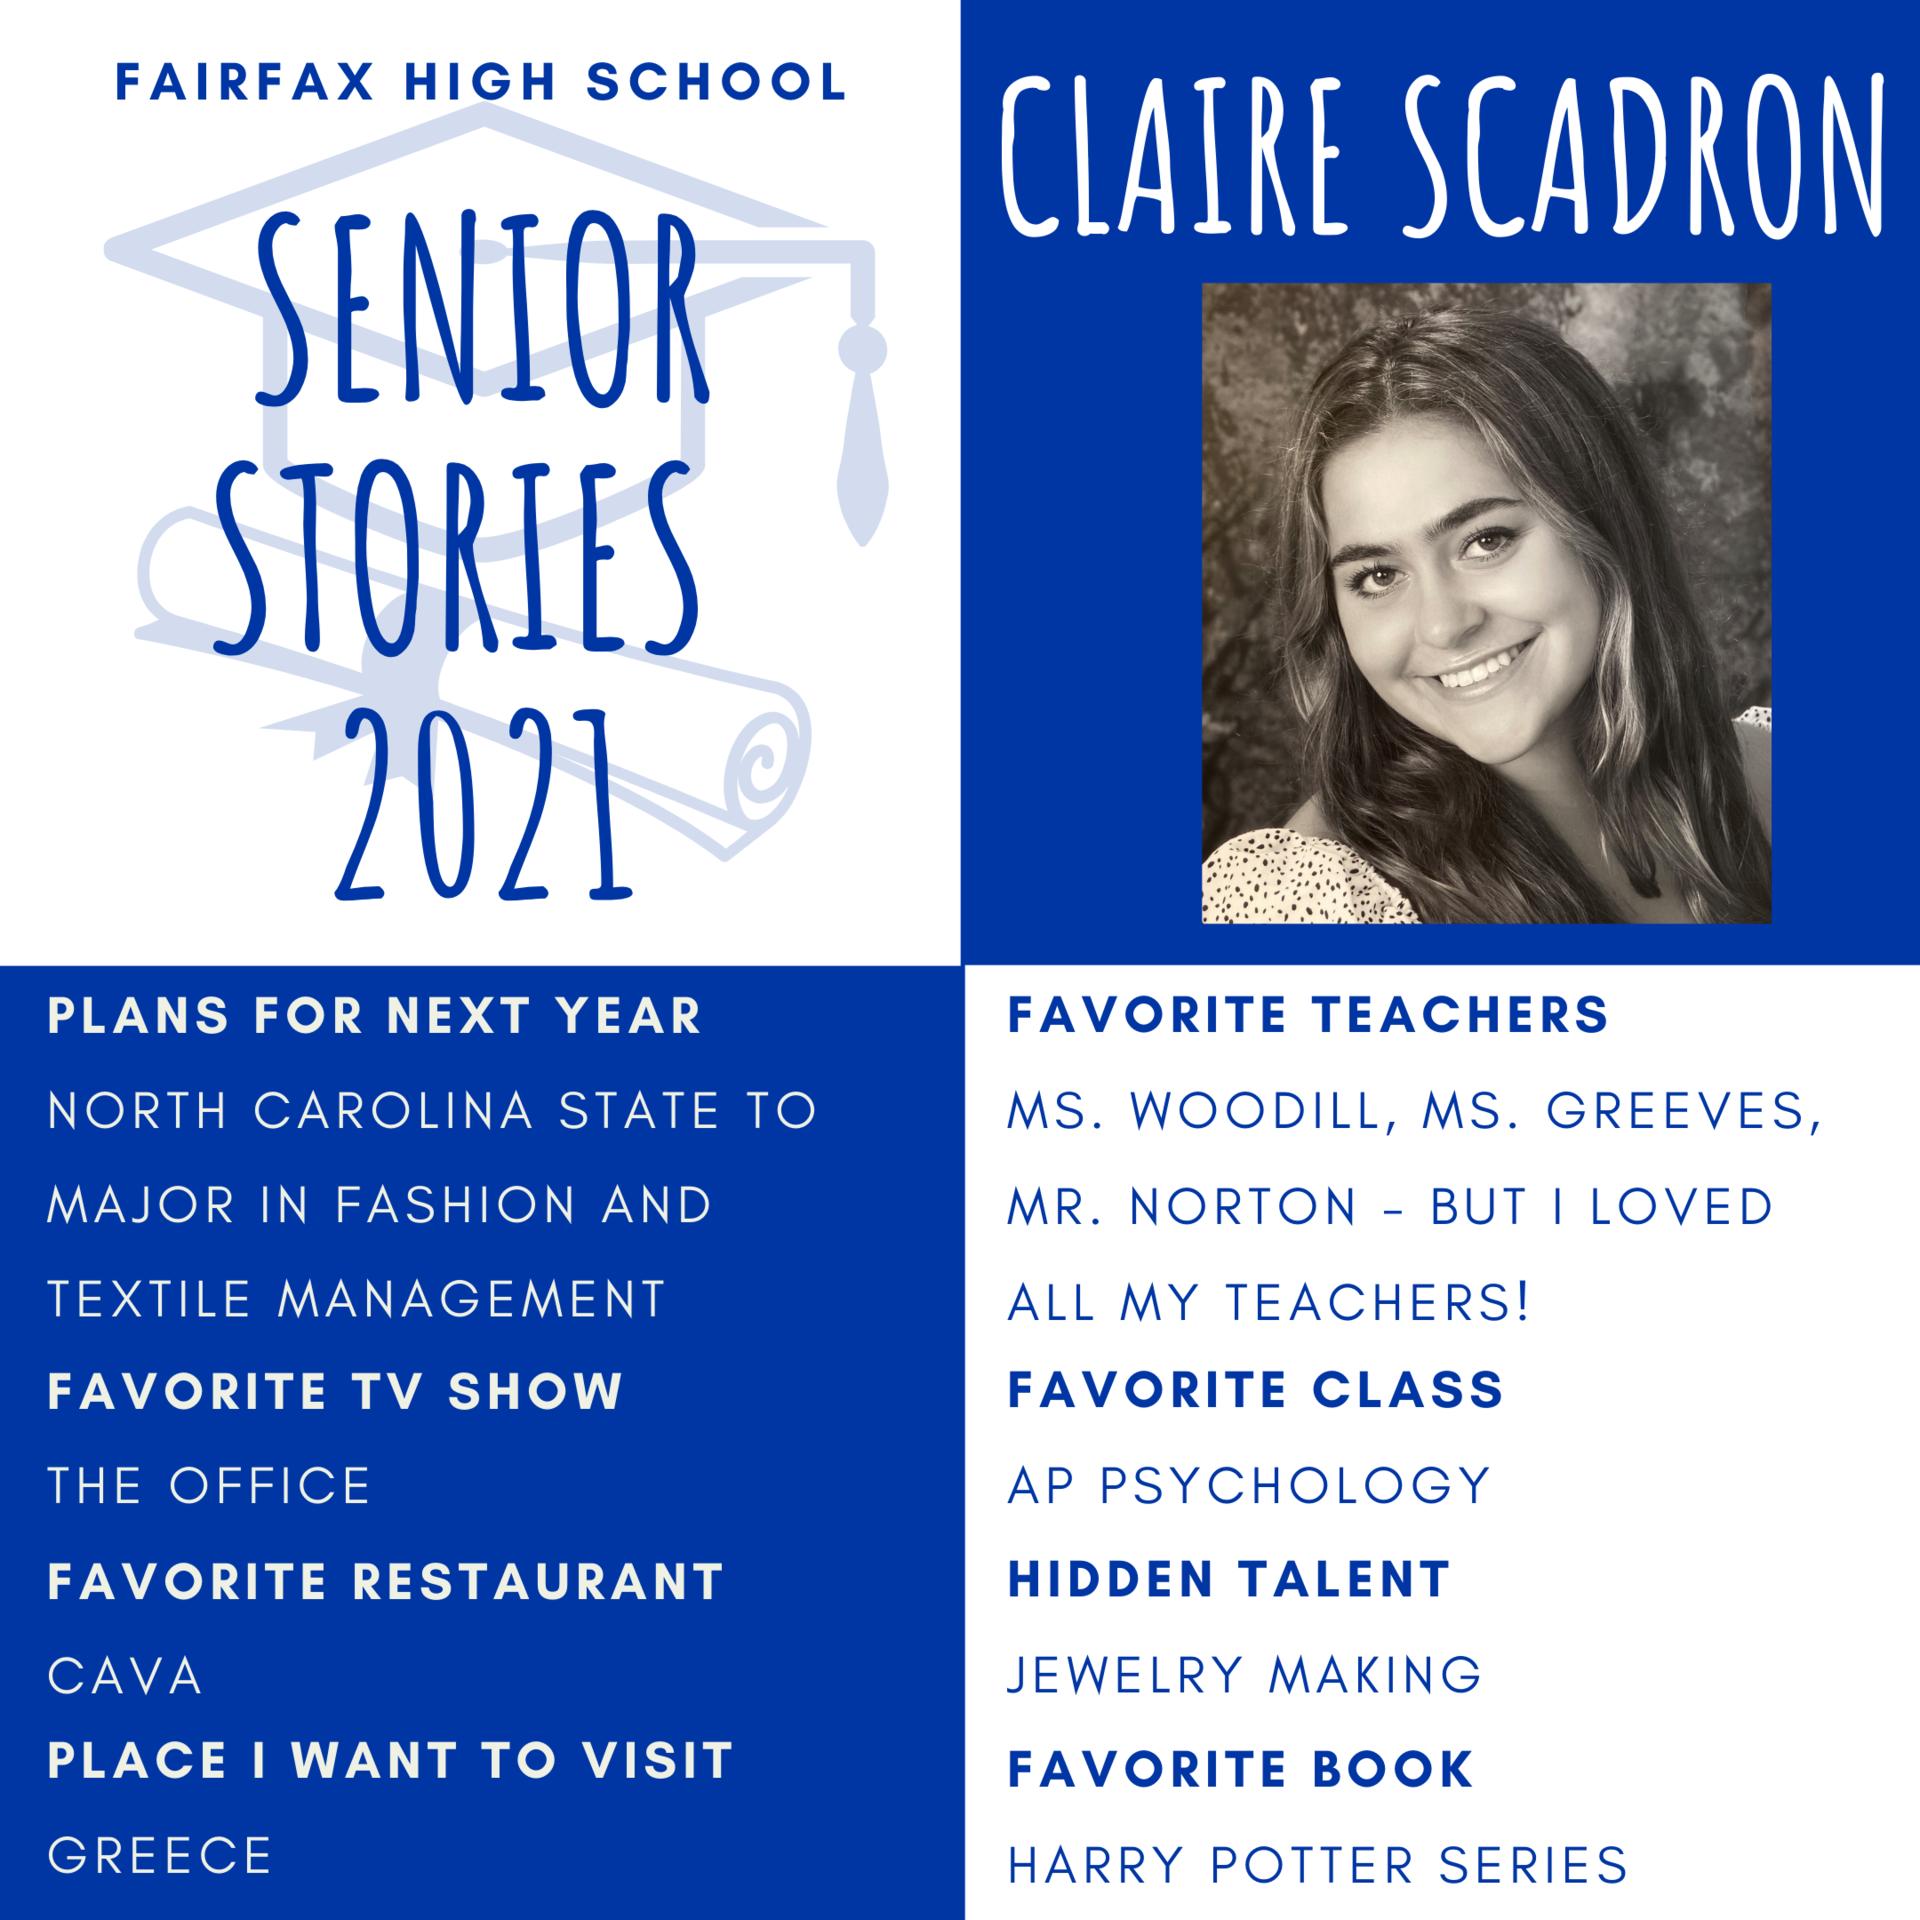 Claire Scadron